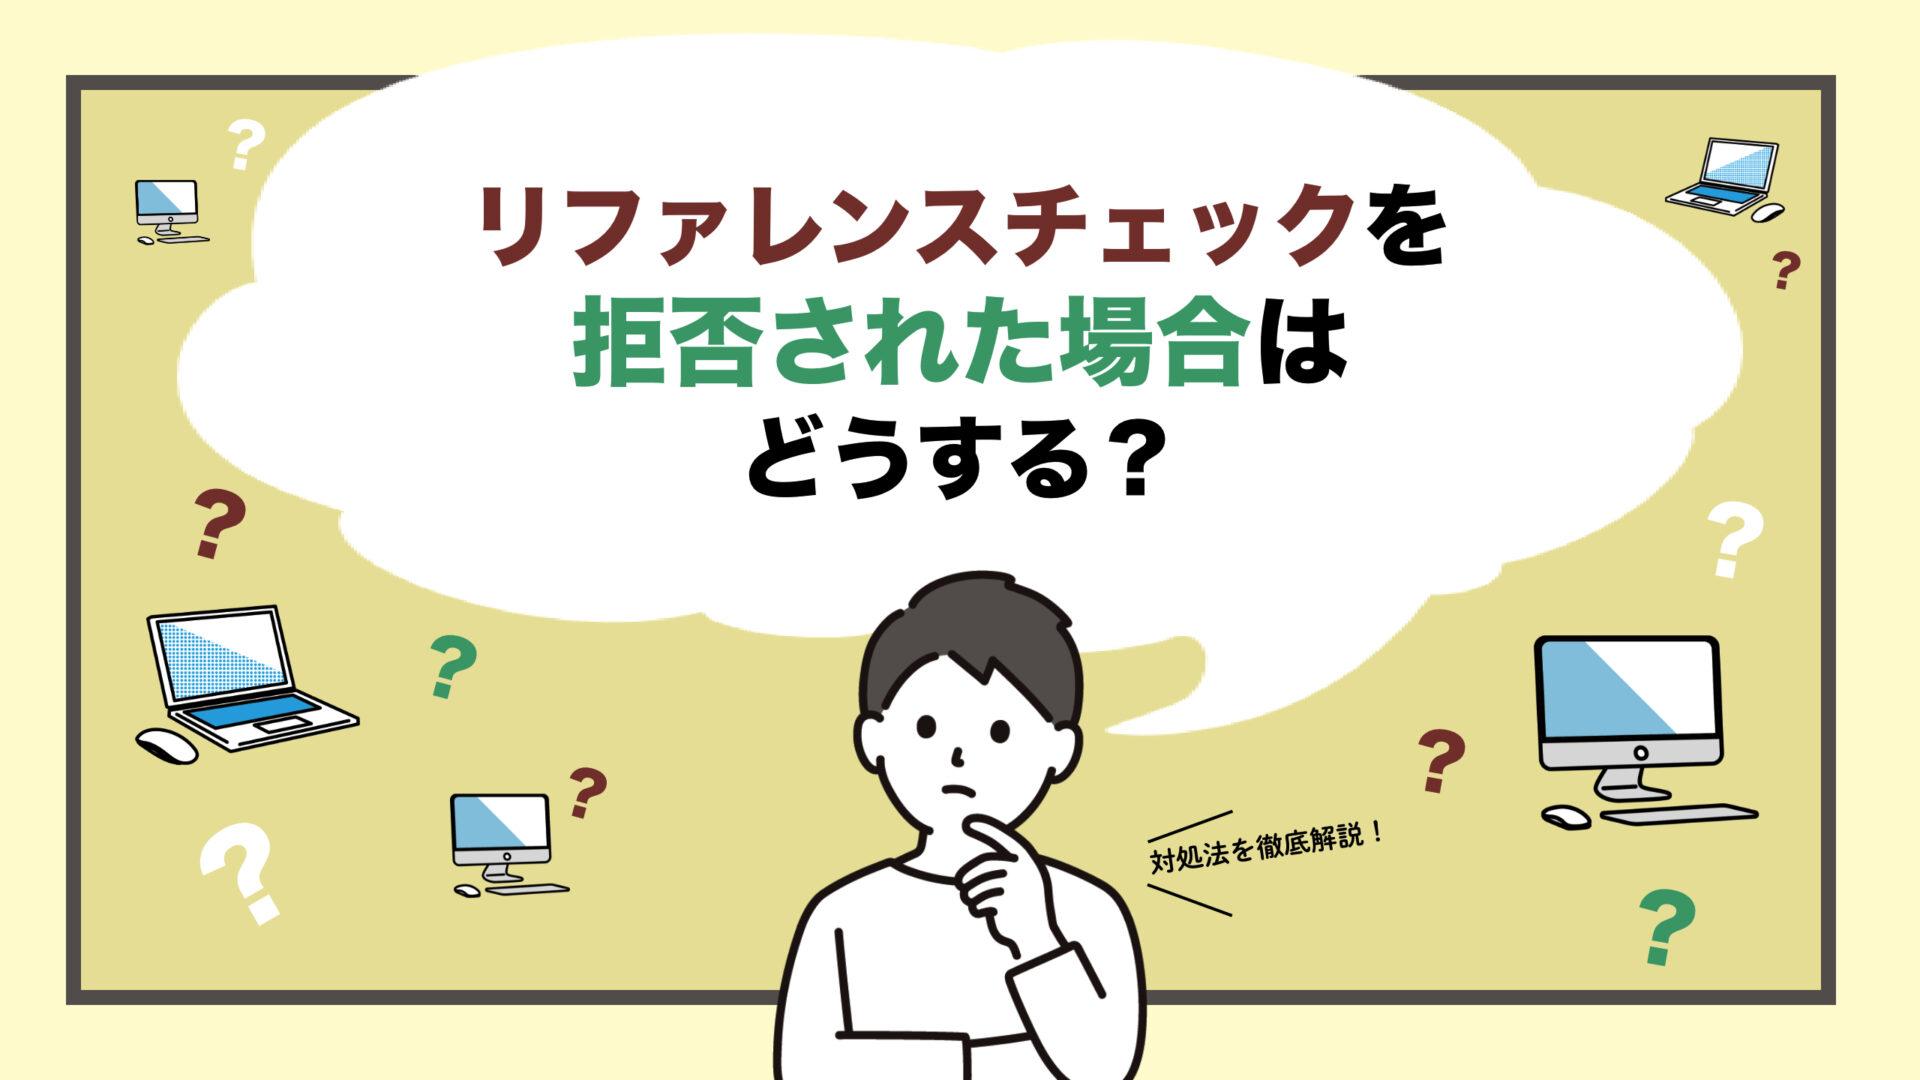 リファレンスチェックを拒否された場合の対処法【採用企業向け】